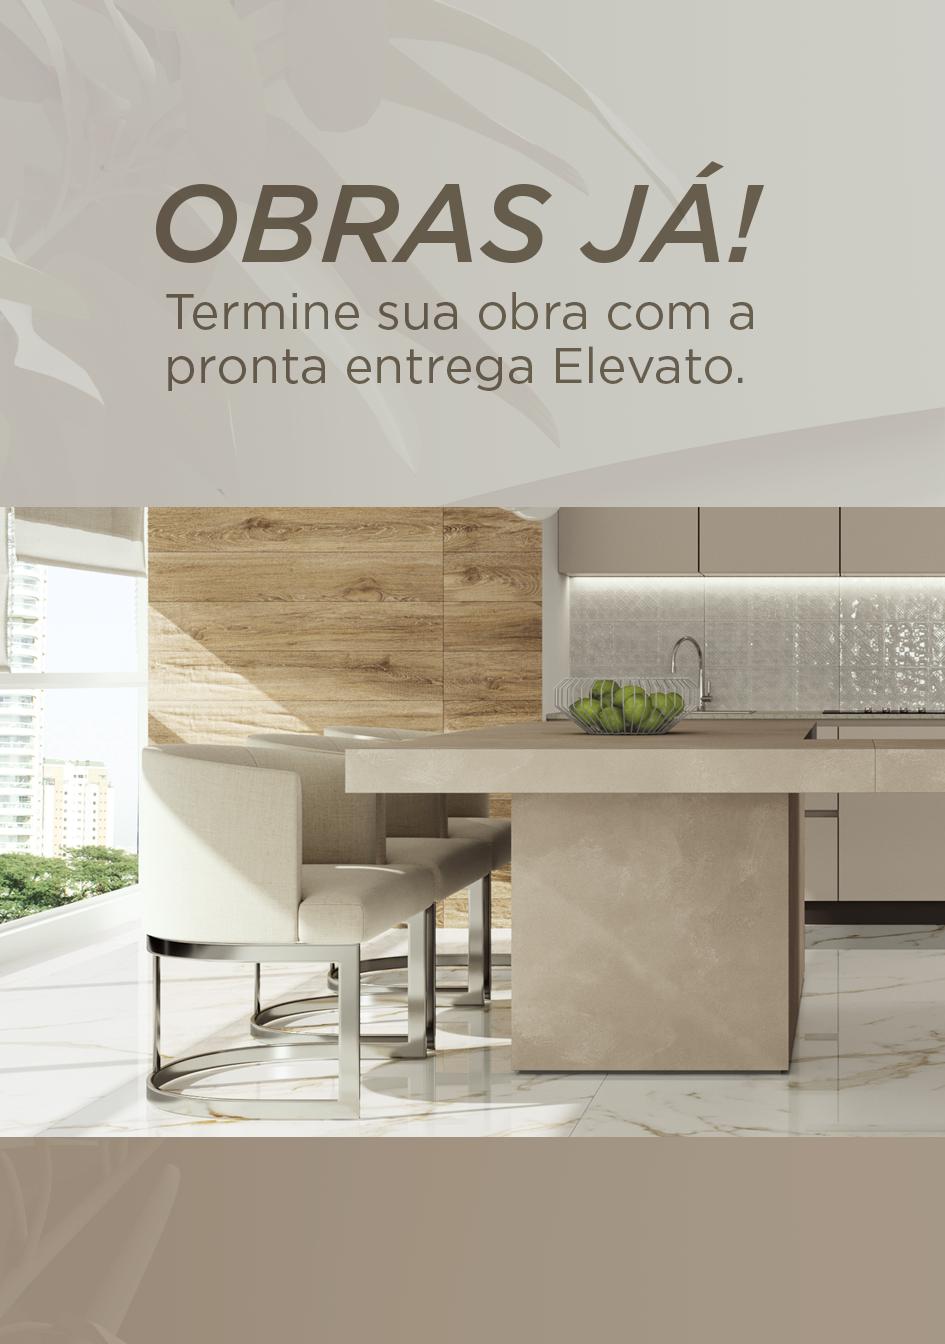 [home] PISOS E REVESTIMENTOS A PRONTA ENTREGA